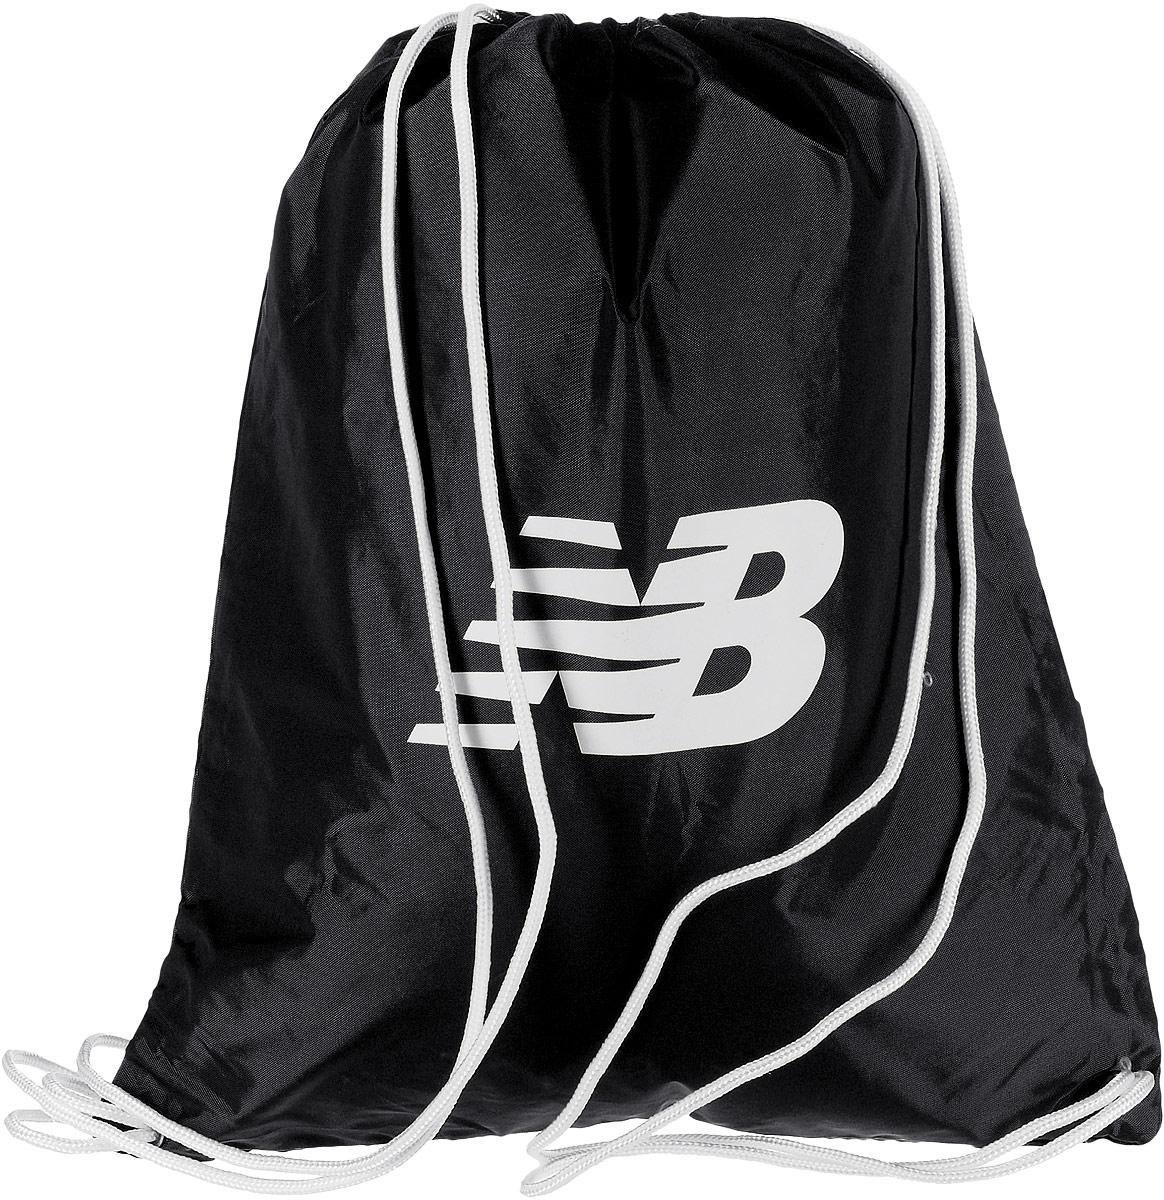 Рюкзак New Balance Cinch Sack, цвет: черный. 500006/BK500006/BKСтильный спортивный рюкзак New Balance Cinch Sack выполнен из нейлона и оформлен символикой бренда. Изделие имеет одно основное отделение, которое закрывается с помощью затягивающего шнурка. Веревочные завязки можно использовать как наплечные лямки. Стильный и функциональный рюкзак поместит все необходимое.